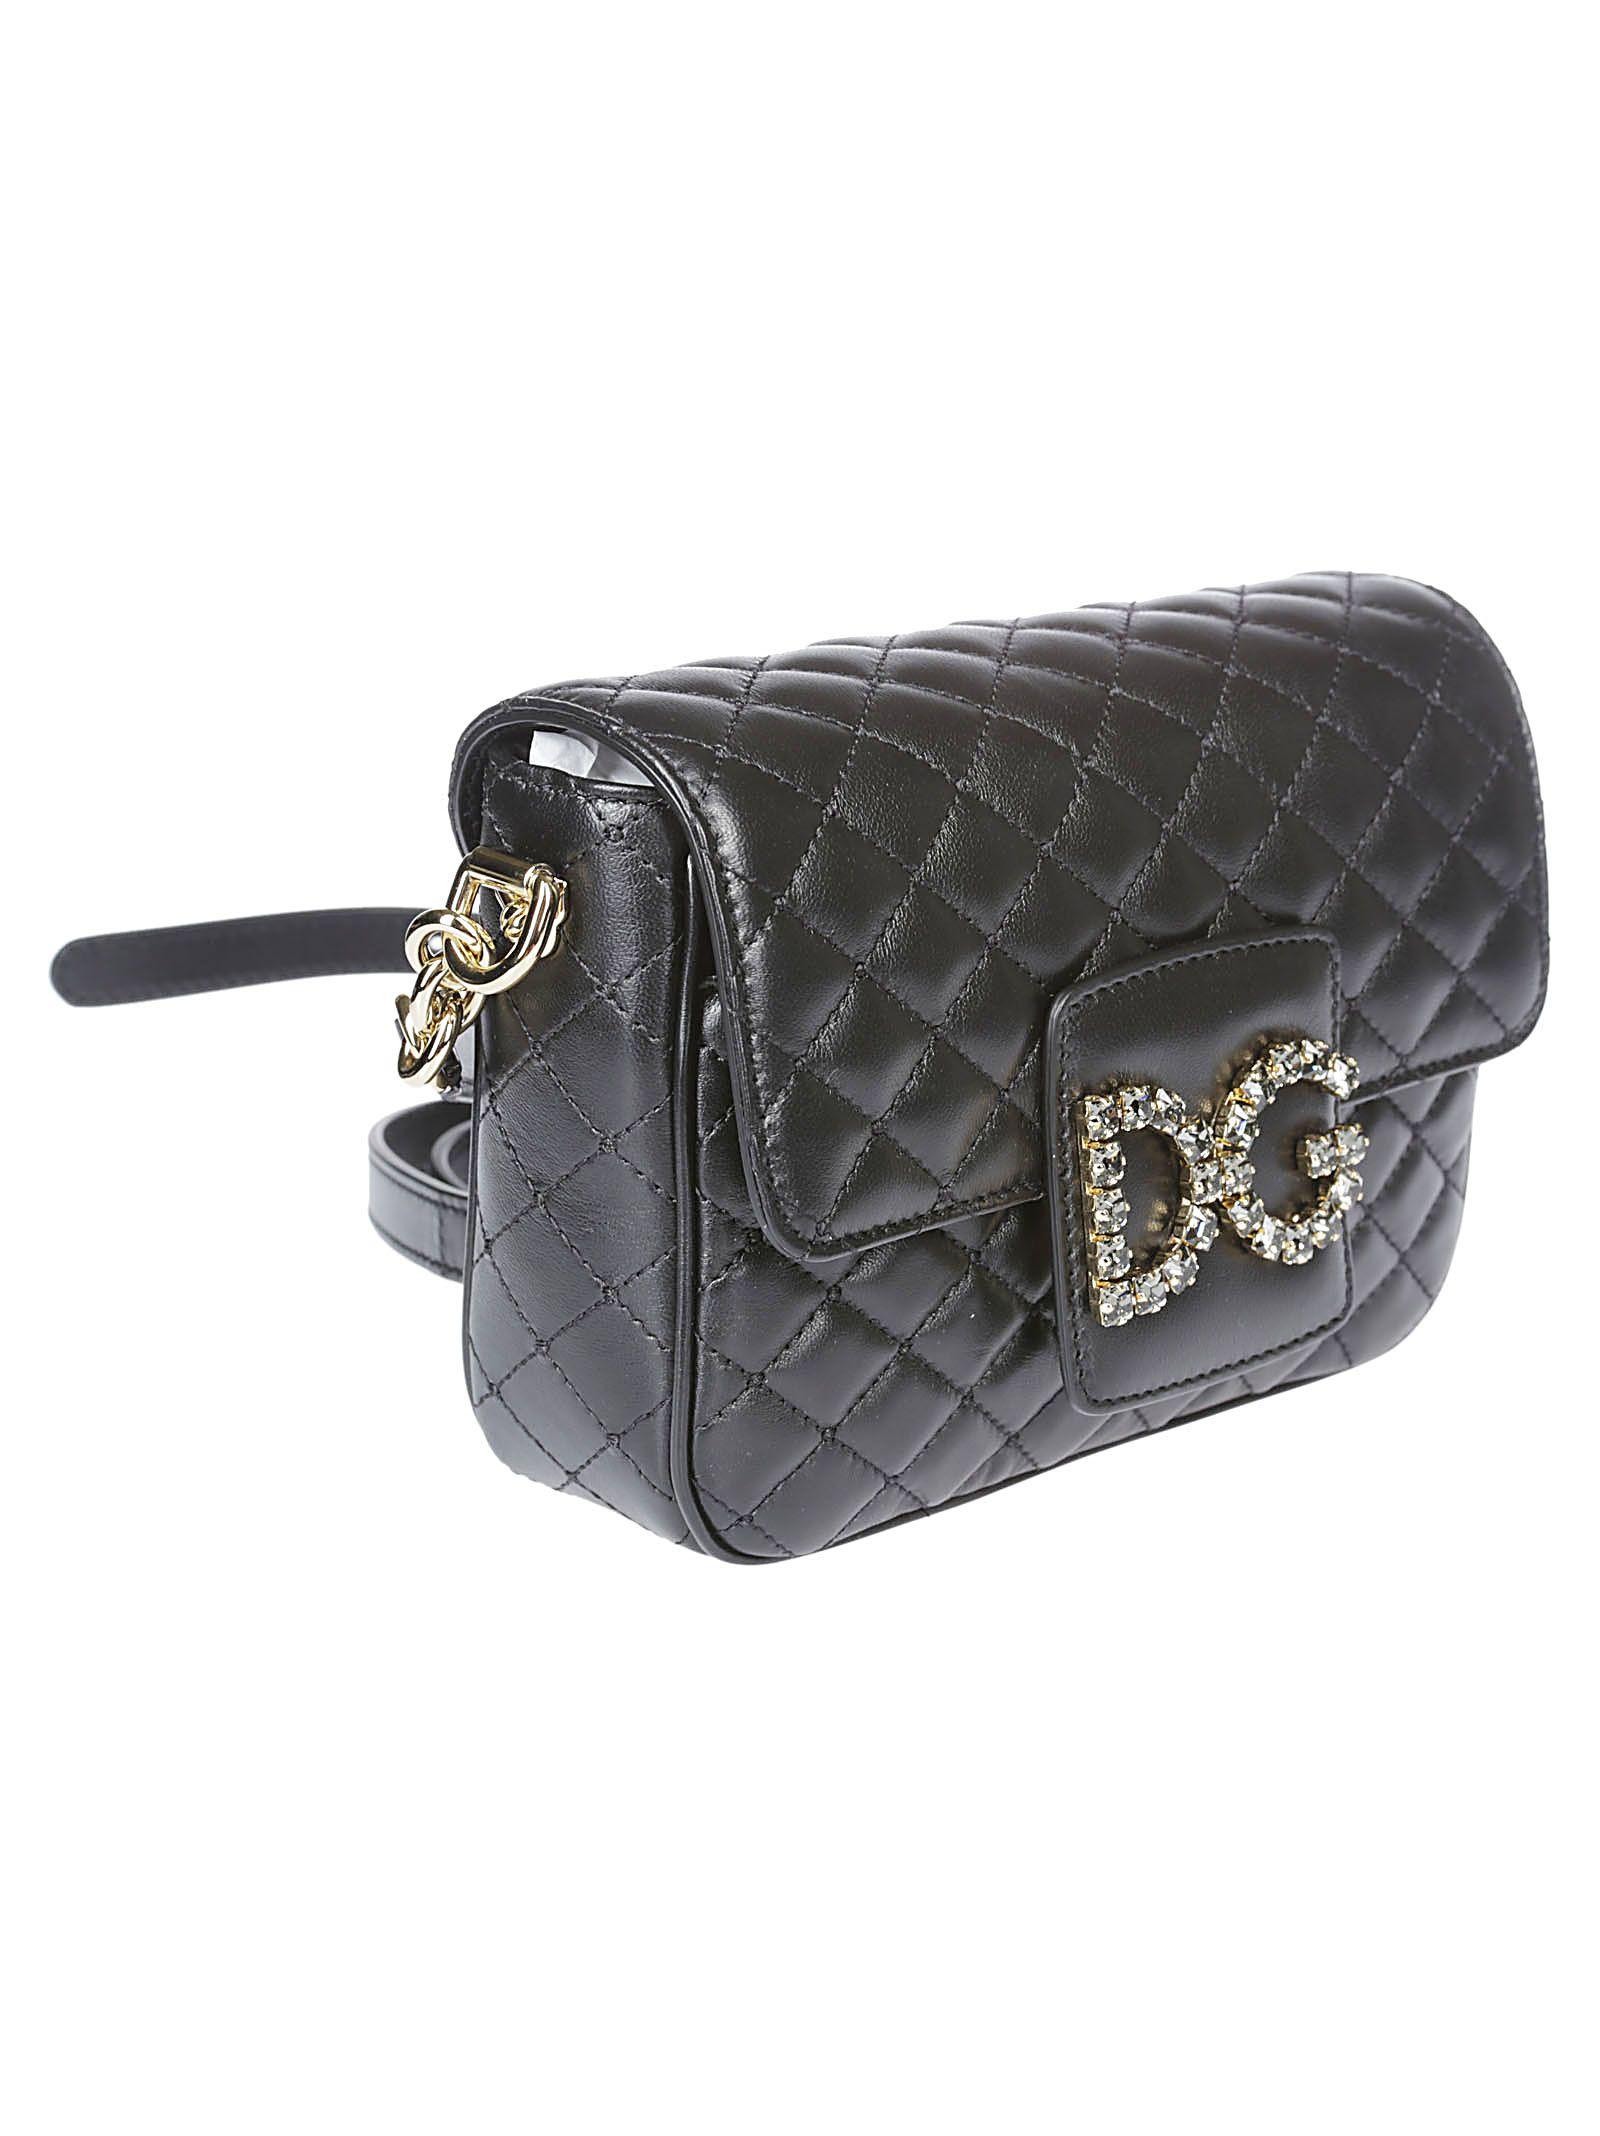 Dolce   Gabbana Dolce   Gabbana Quilted Embellished Logo Shoulder ... 195a2d2e325f5